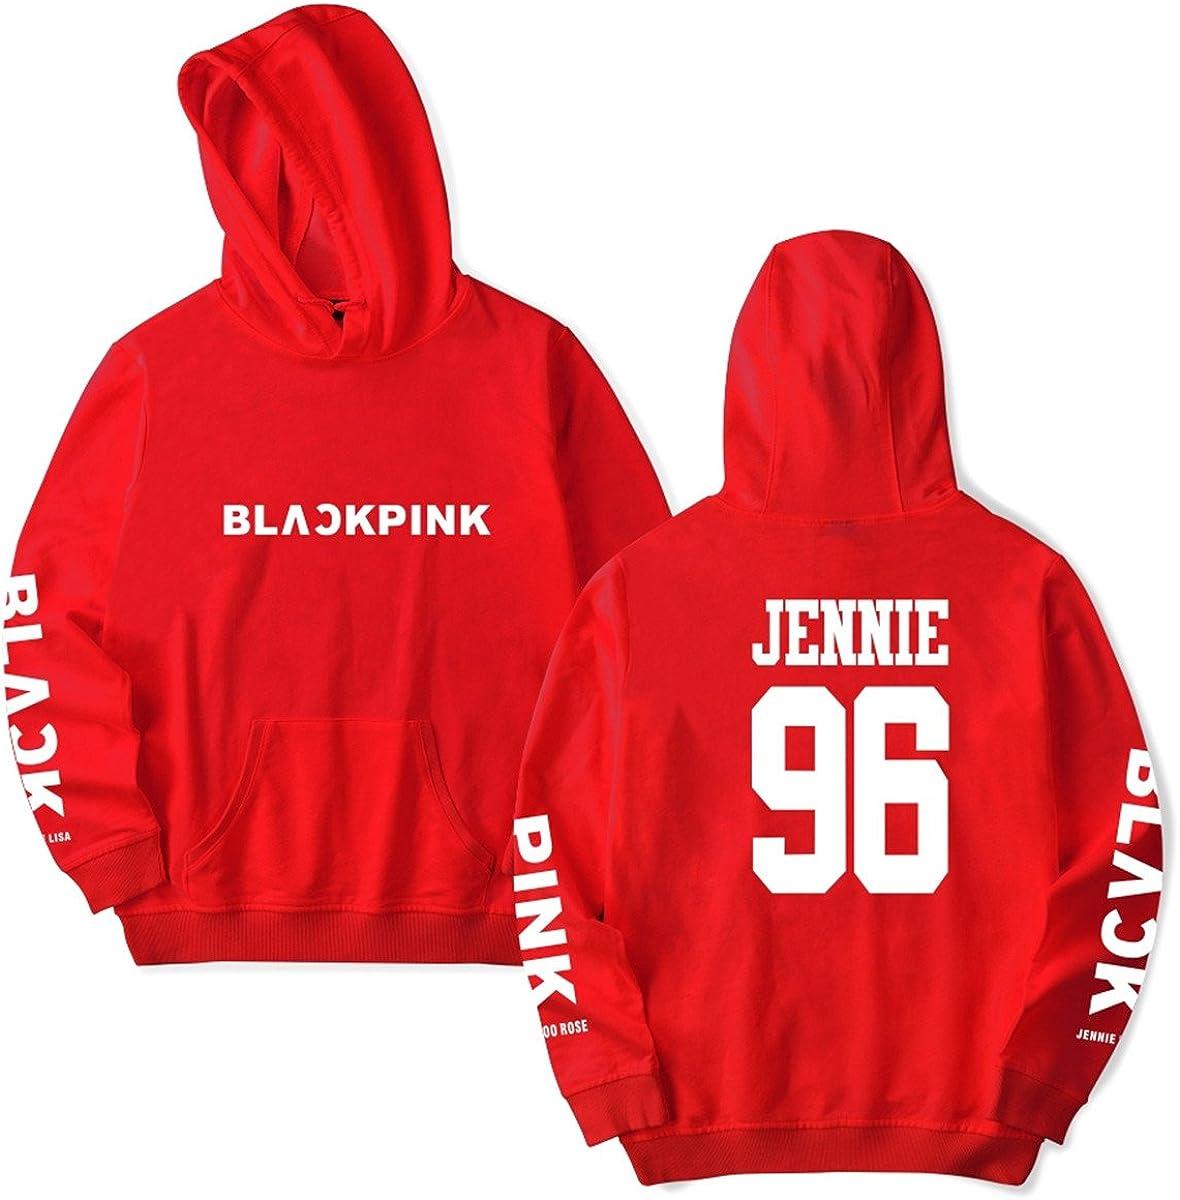 SIMYJOY Amants Kpop Blackpink Cadeau de Saint Valentin Sweats /à Capuche Pulls Blackpink Coll/ège Hip Hop Sweat Shirt pour Hommes Femmes Adolescents